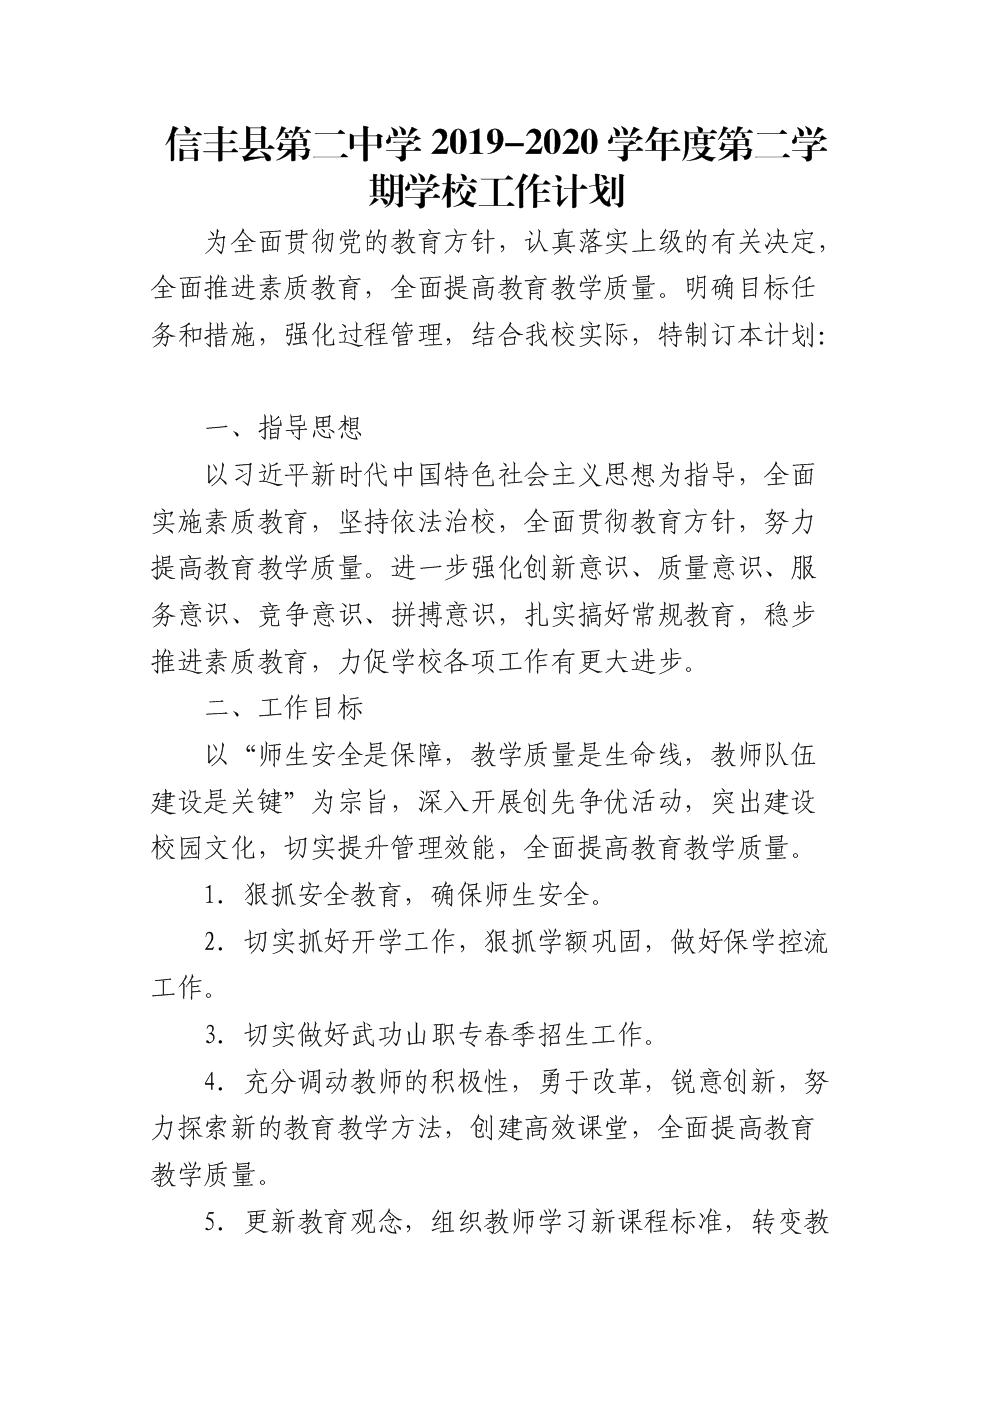 信丰县第二中学2019-2020学年度第二学期 学校工作计划.docx